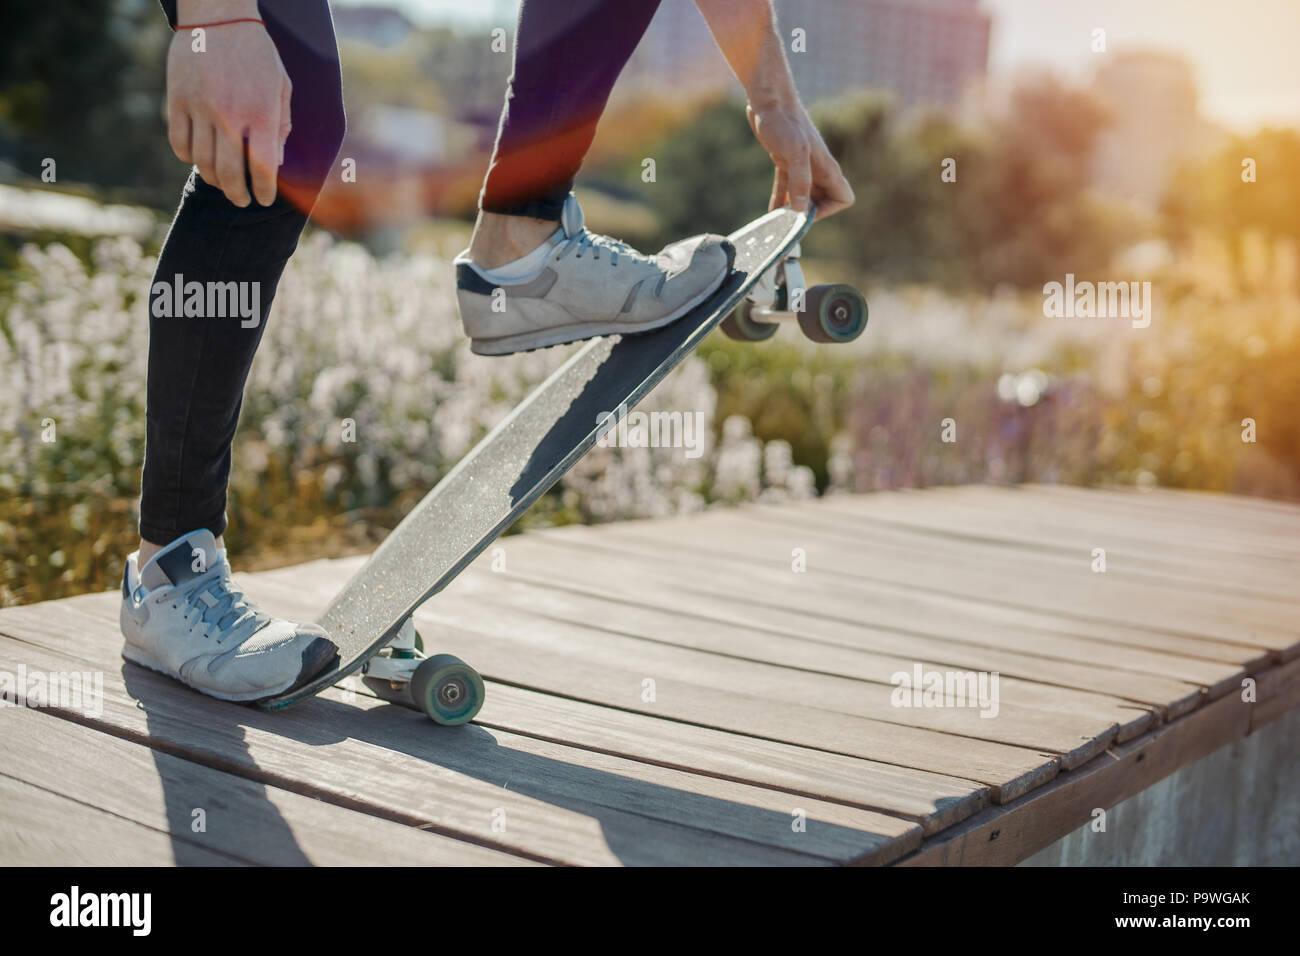 Nahaufnahme von jungen attraktiven Mann reiten Longboard im Park. Stockbild